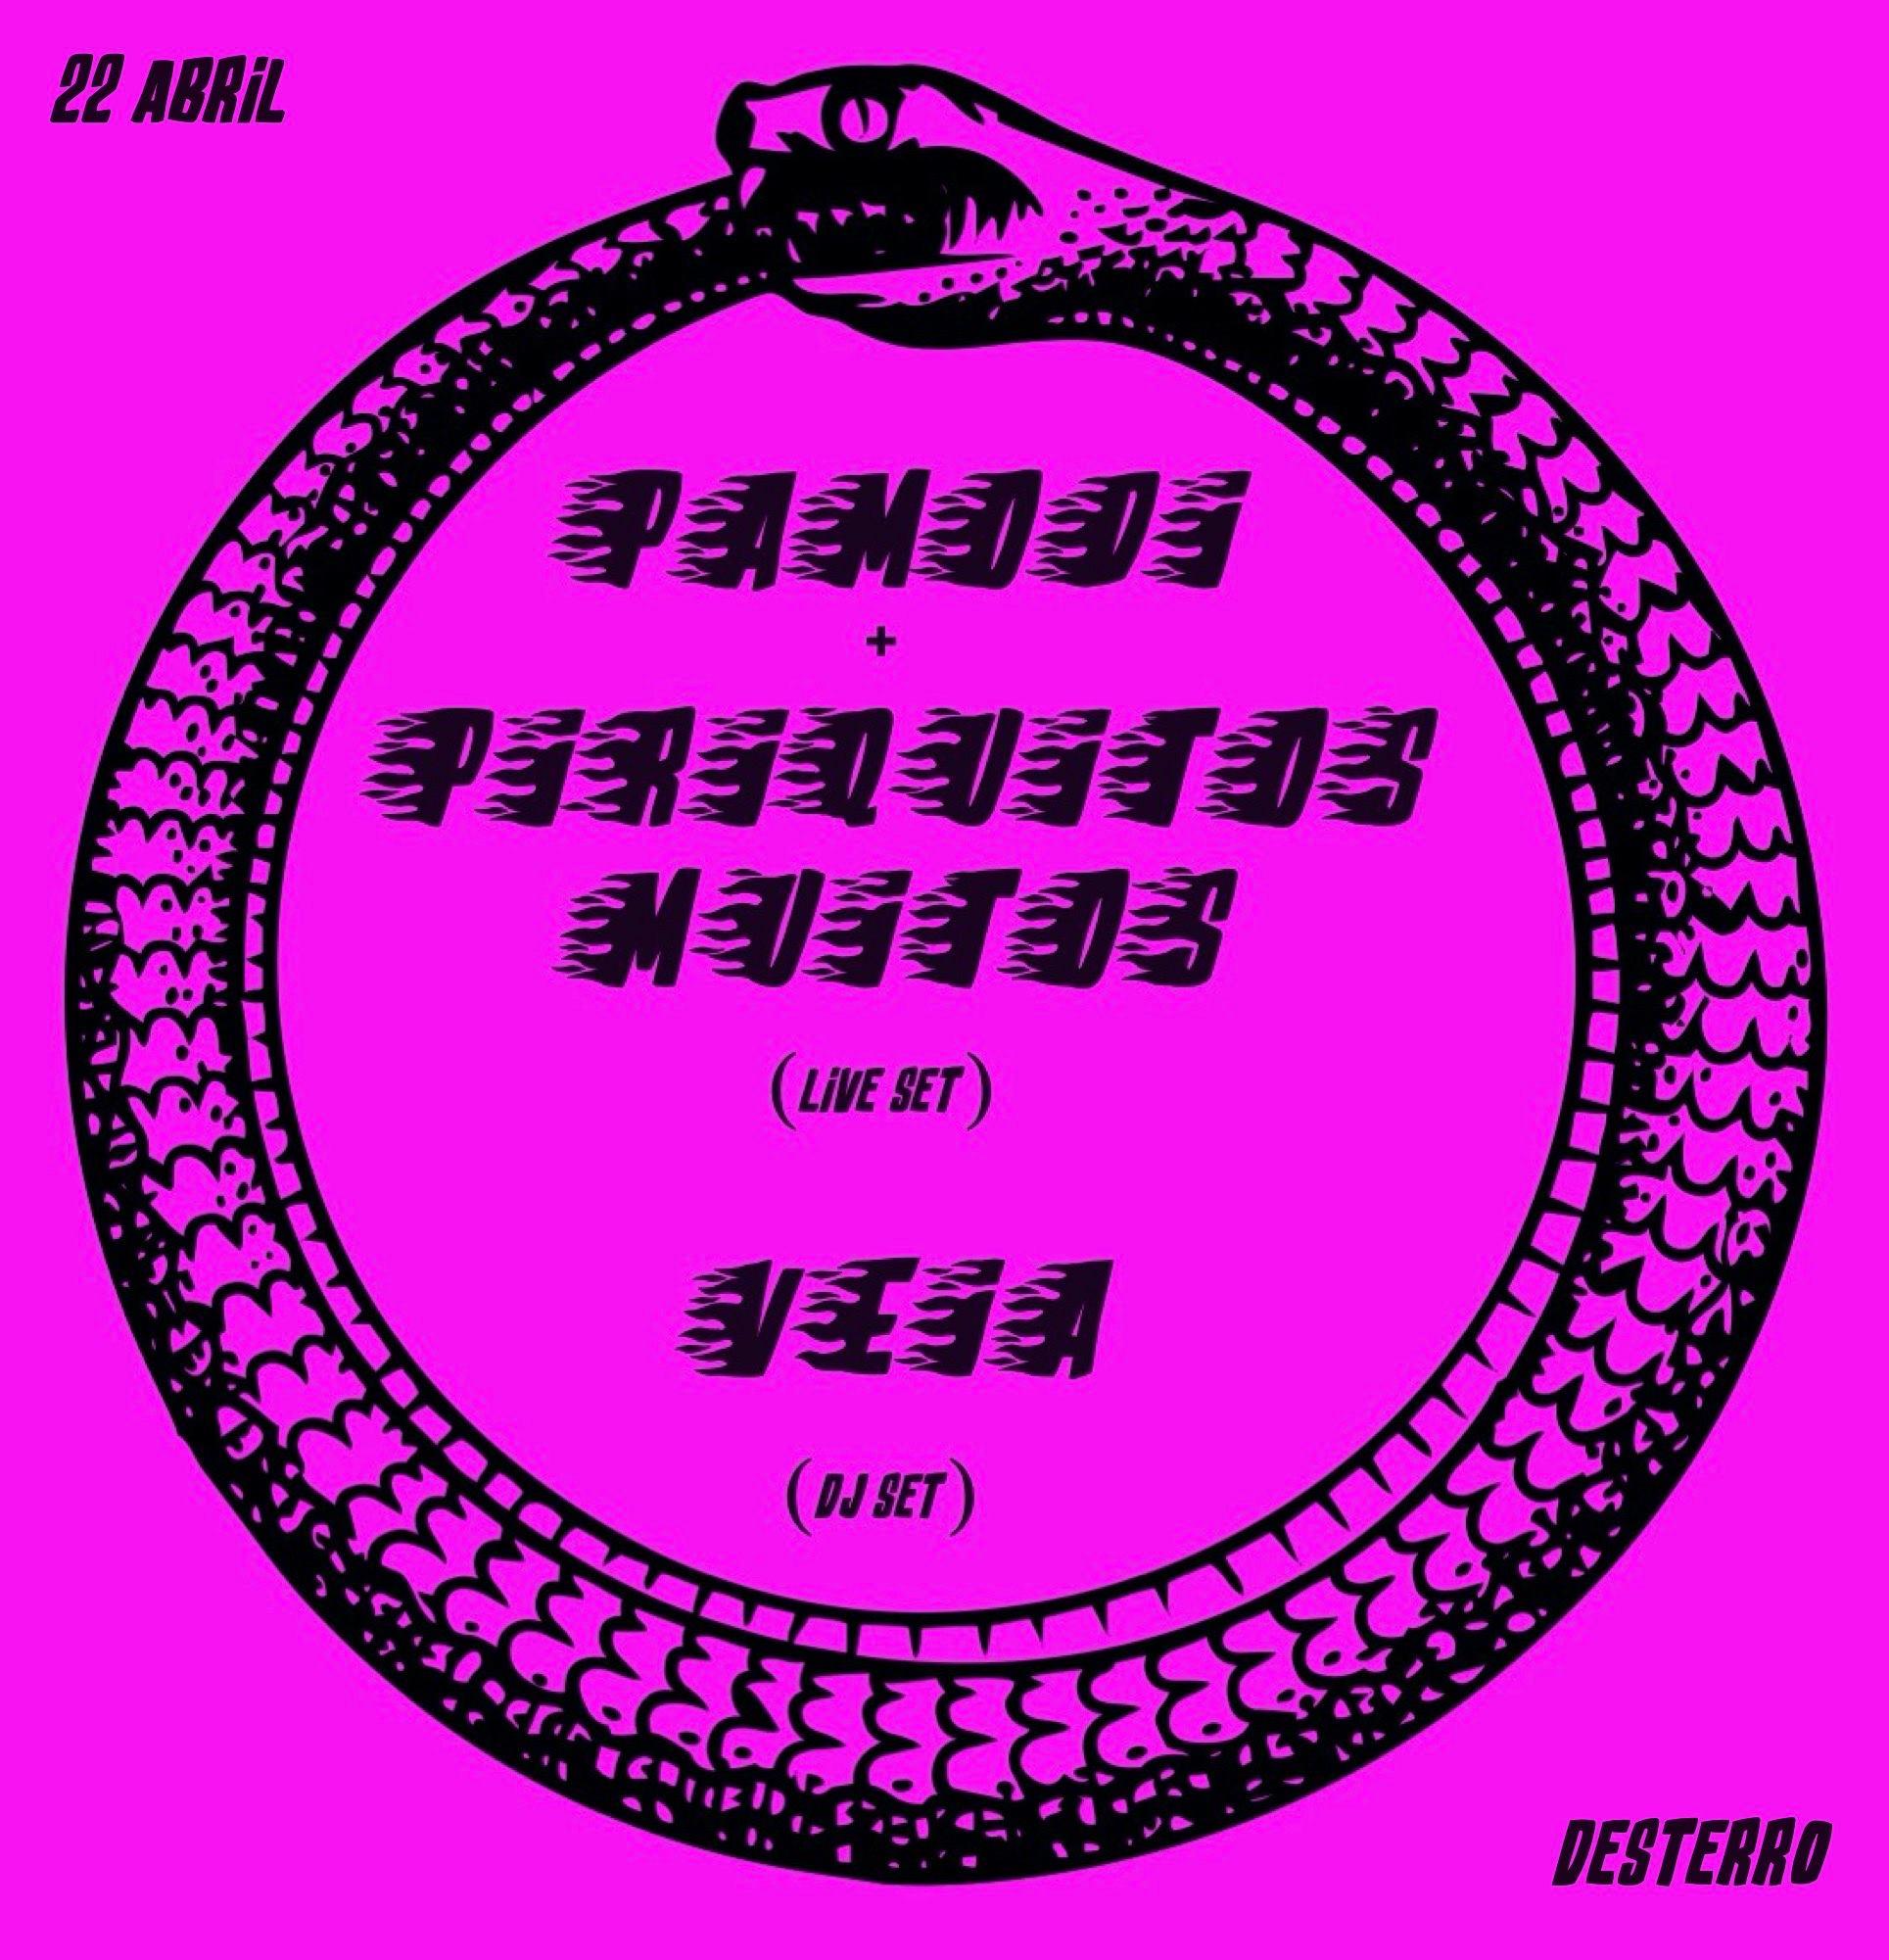 Pamodi & Piriquitos Muitos (live) + Veia (dj-set)